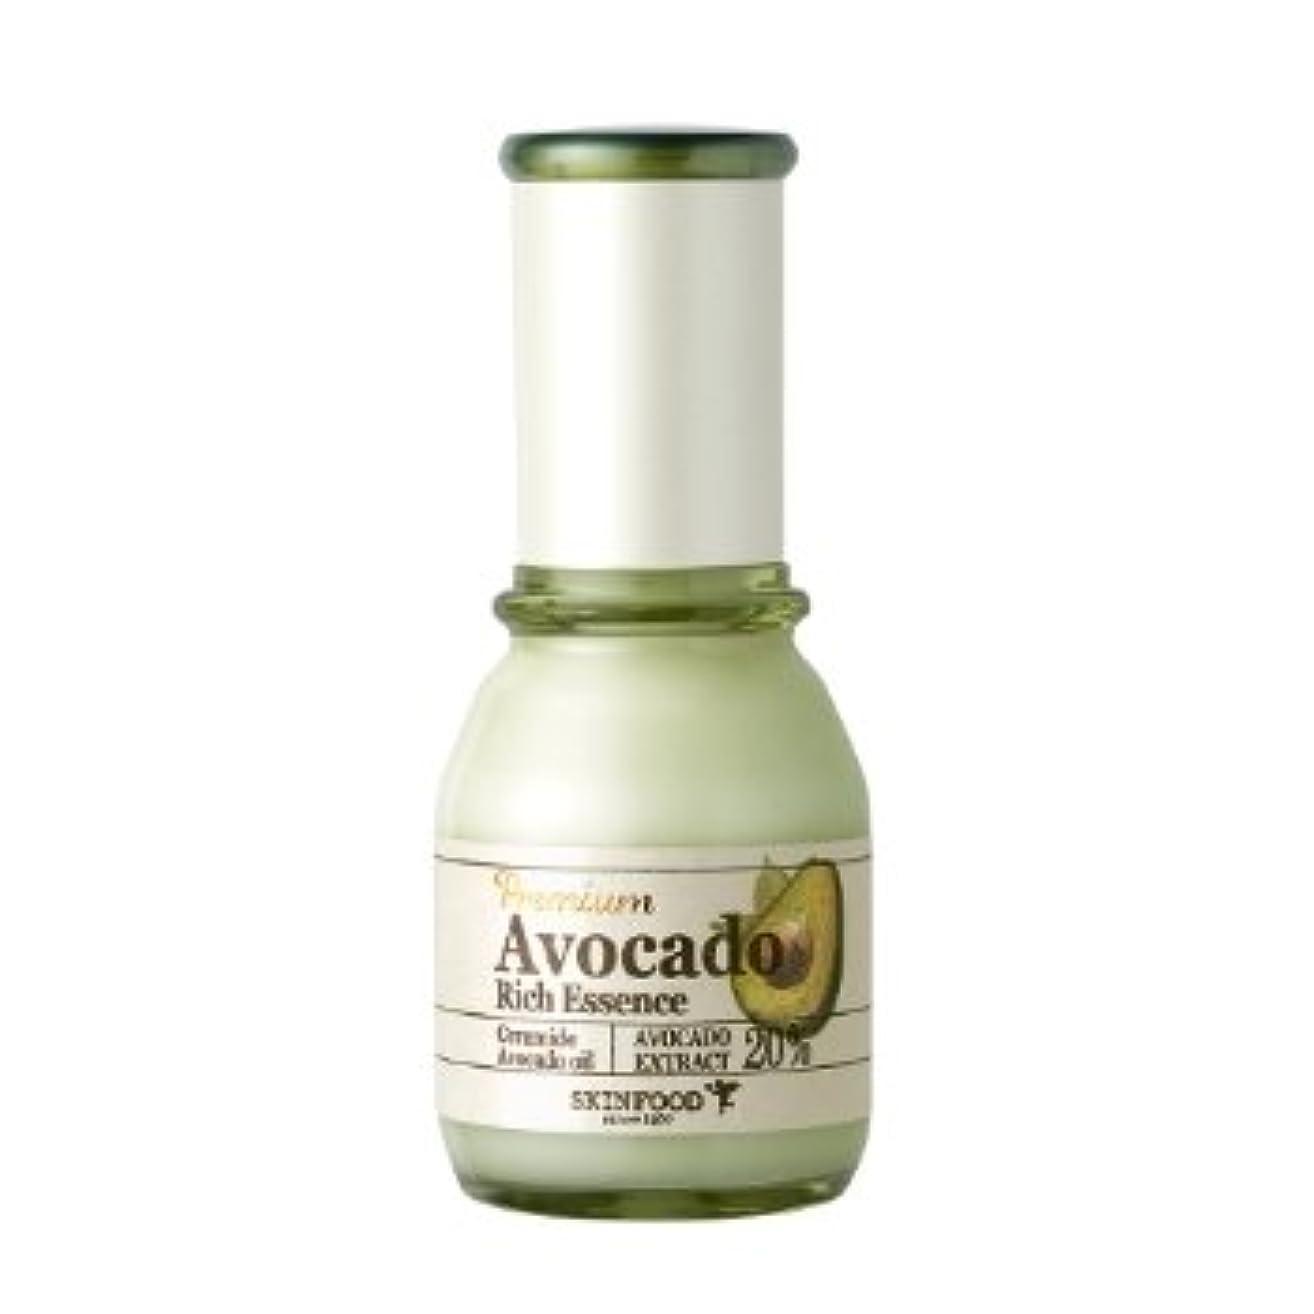 スキンフード [Skin Food] プレミアム アボカド リーチ エッセンス 50ml / Premium Avocado Rich Essence 海外直送品